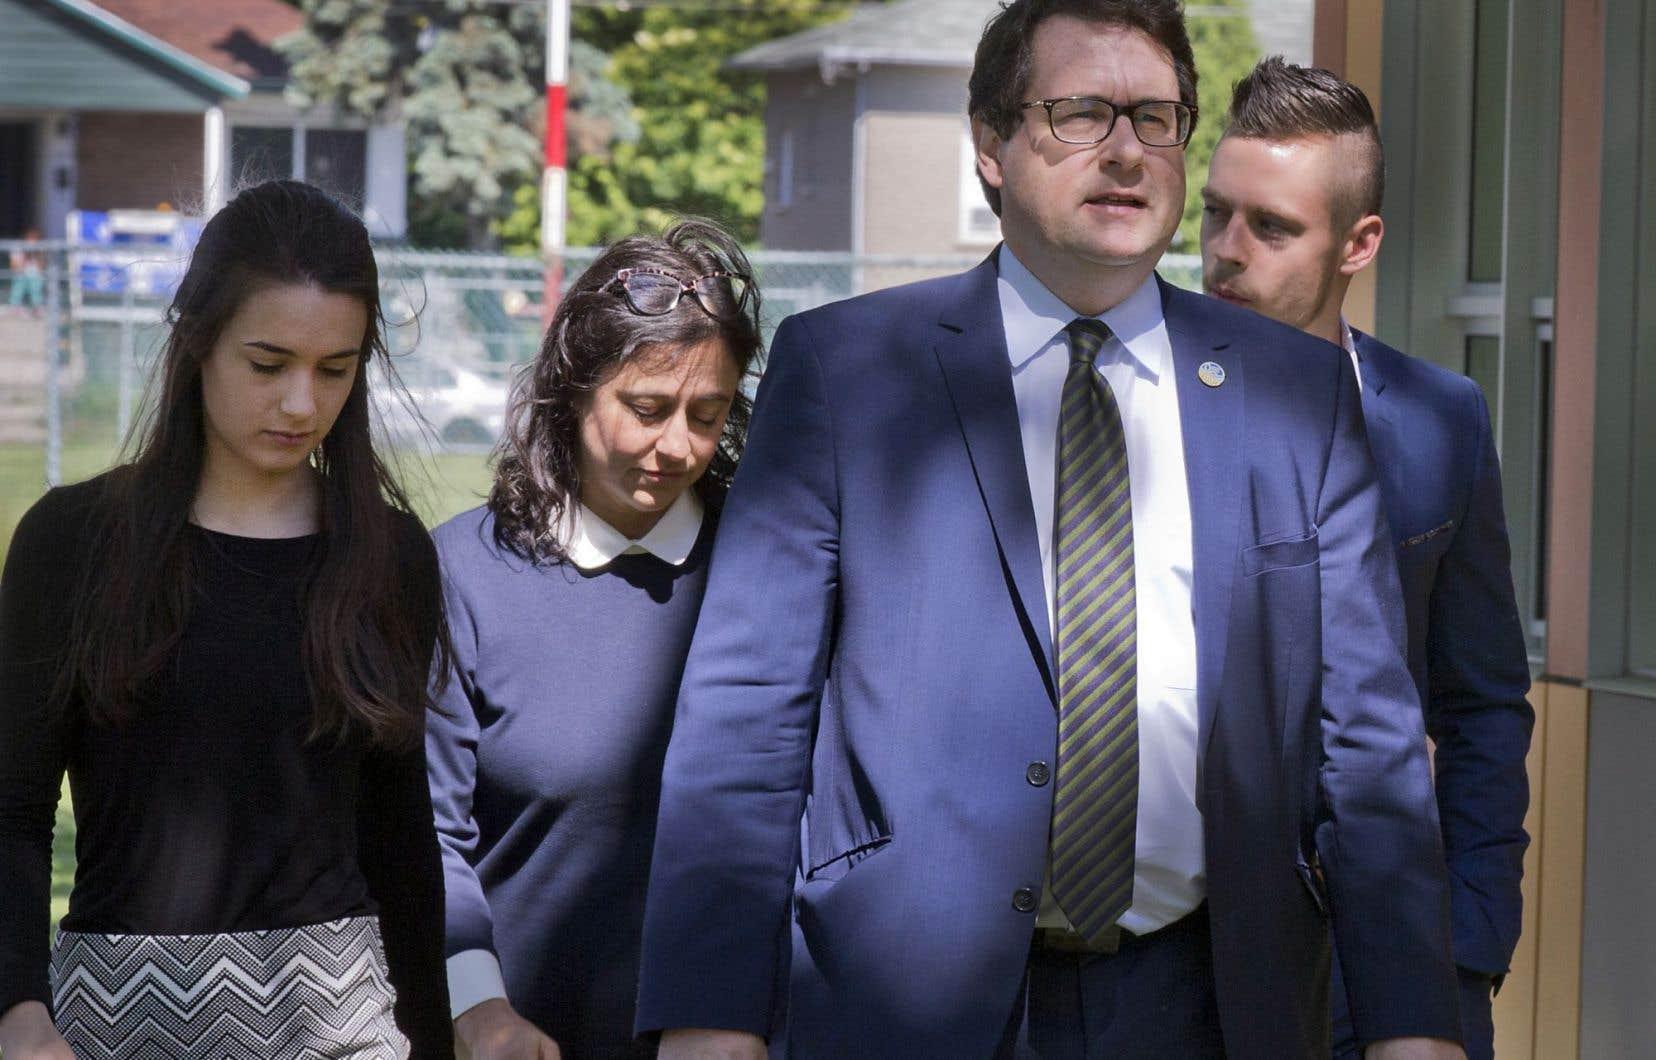 Le député péquiste Bernard Drainville s'est présenté à la conférence de presse en compagnie des membres de sa famille, dans sa circonscription de Marie-Victorin.